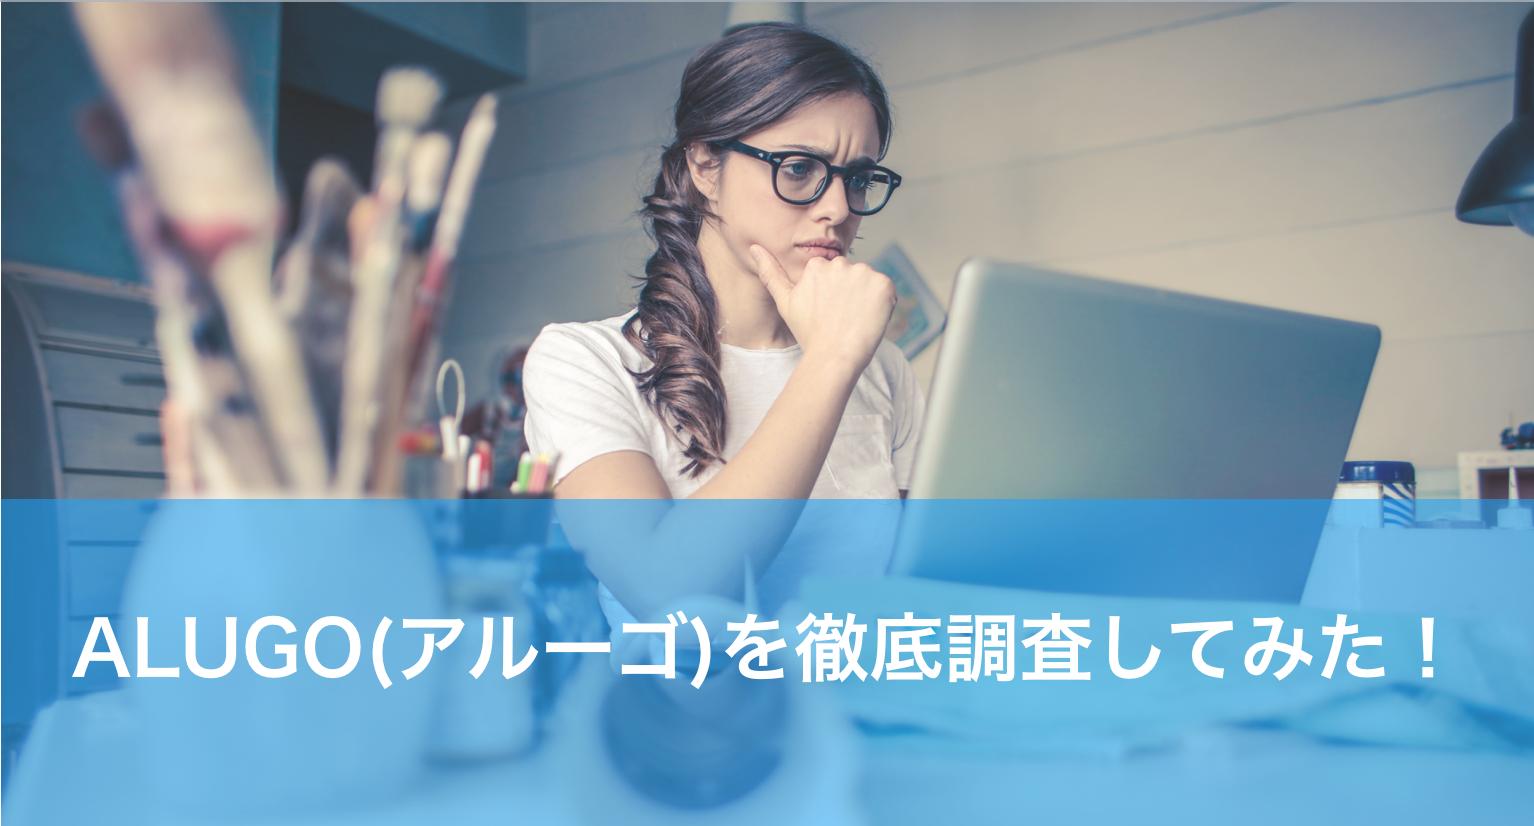 【口コミ・評判】英会話スクールのALUGO(アルーゴ)を徹底調査した!